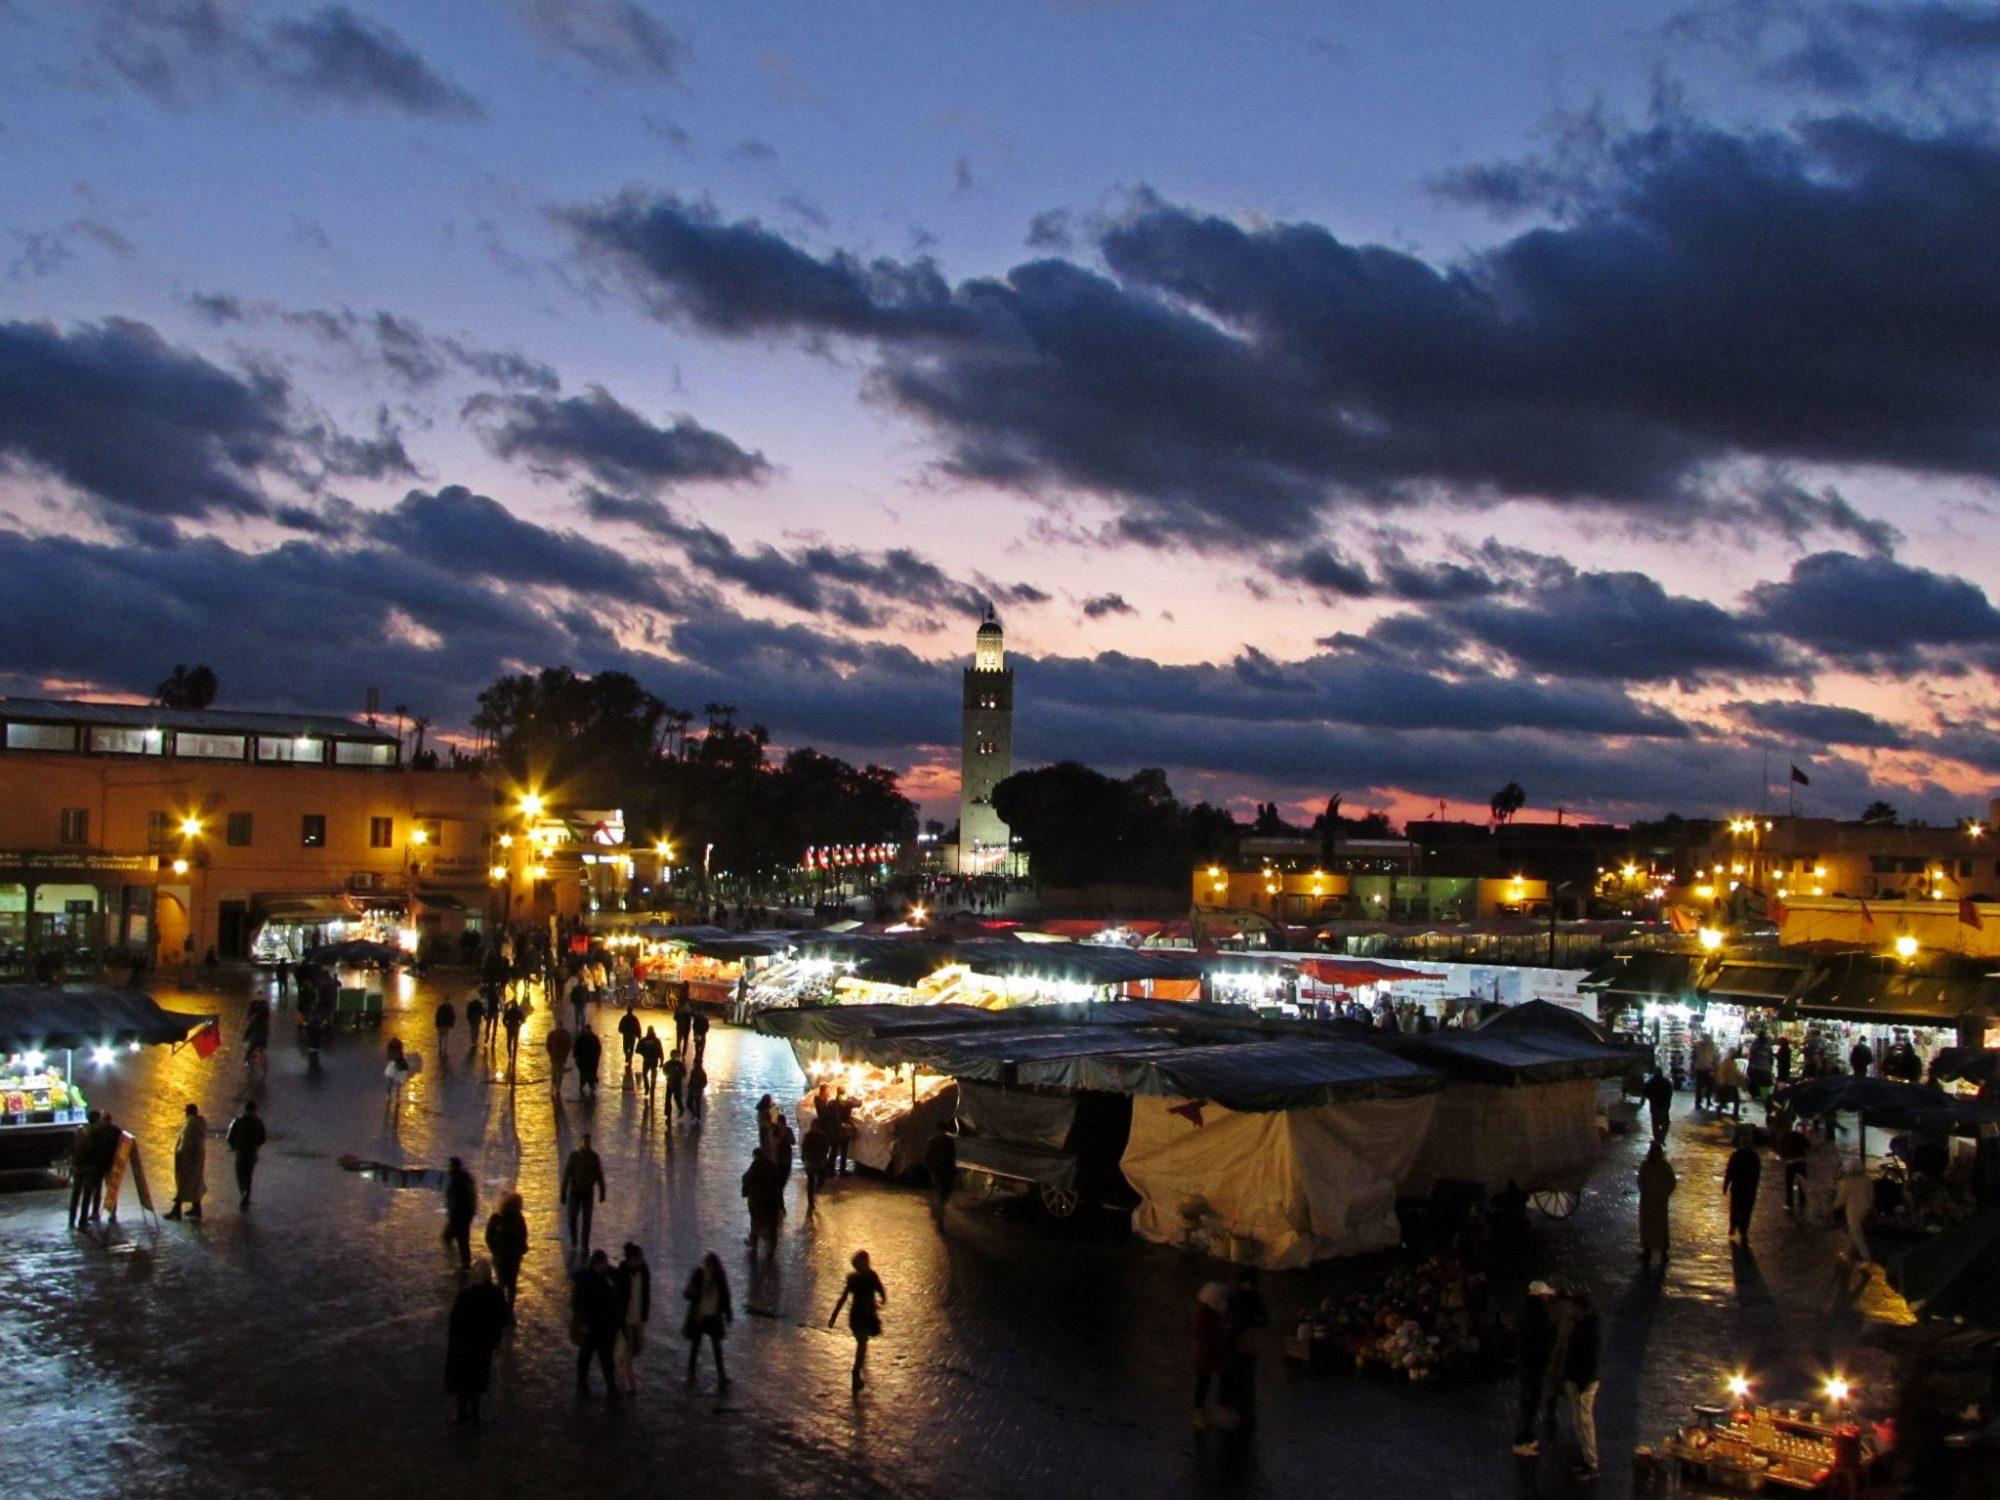 Atardecer en la plaza de Jmaa el Fna